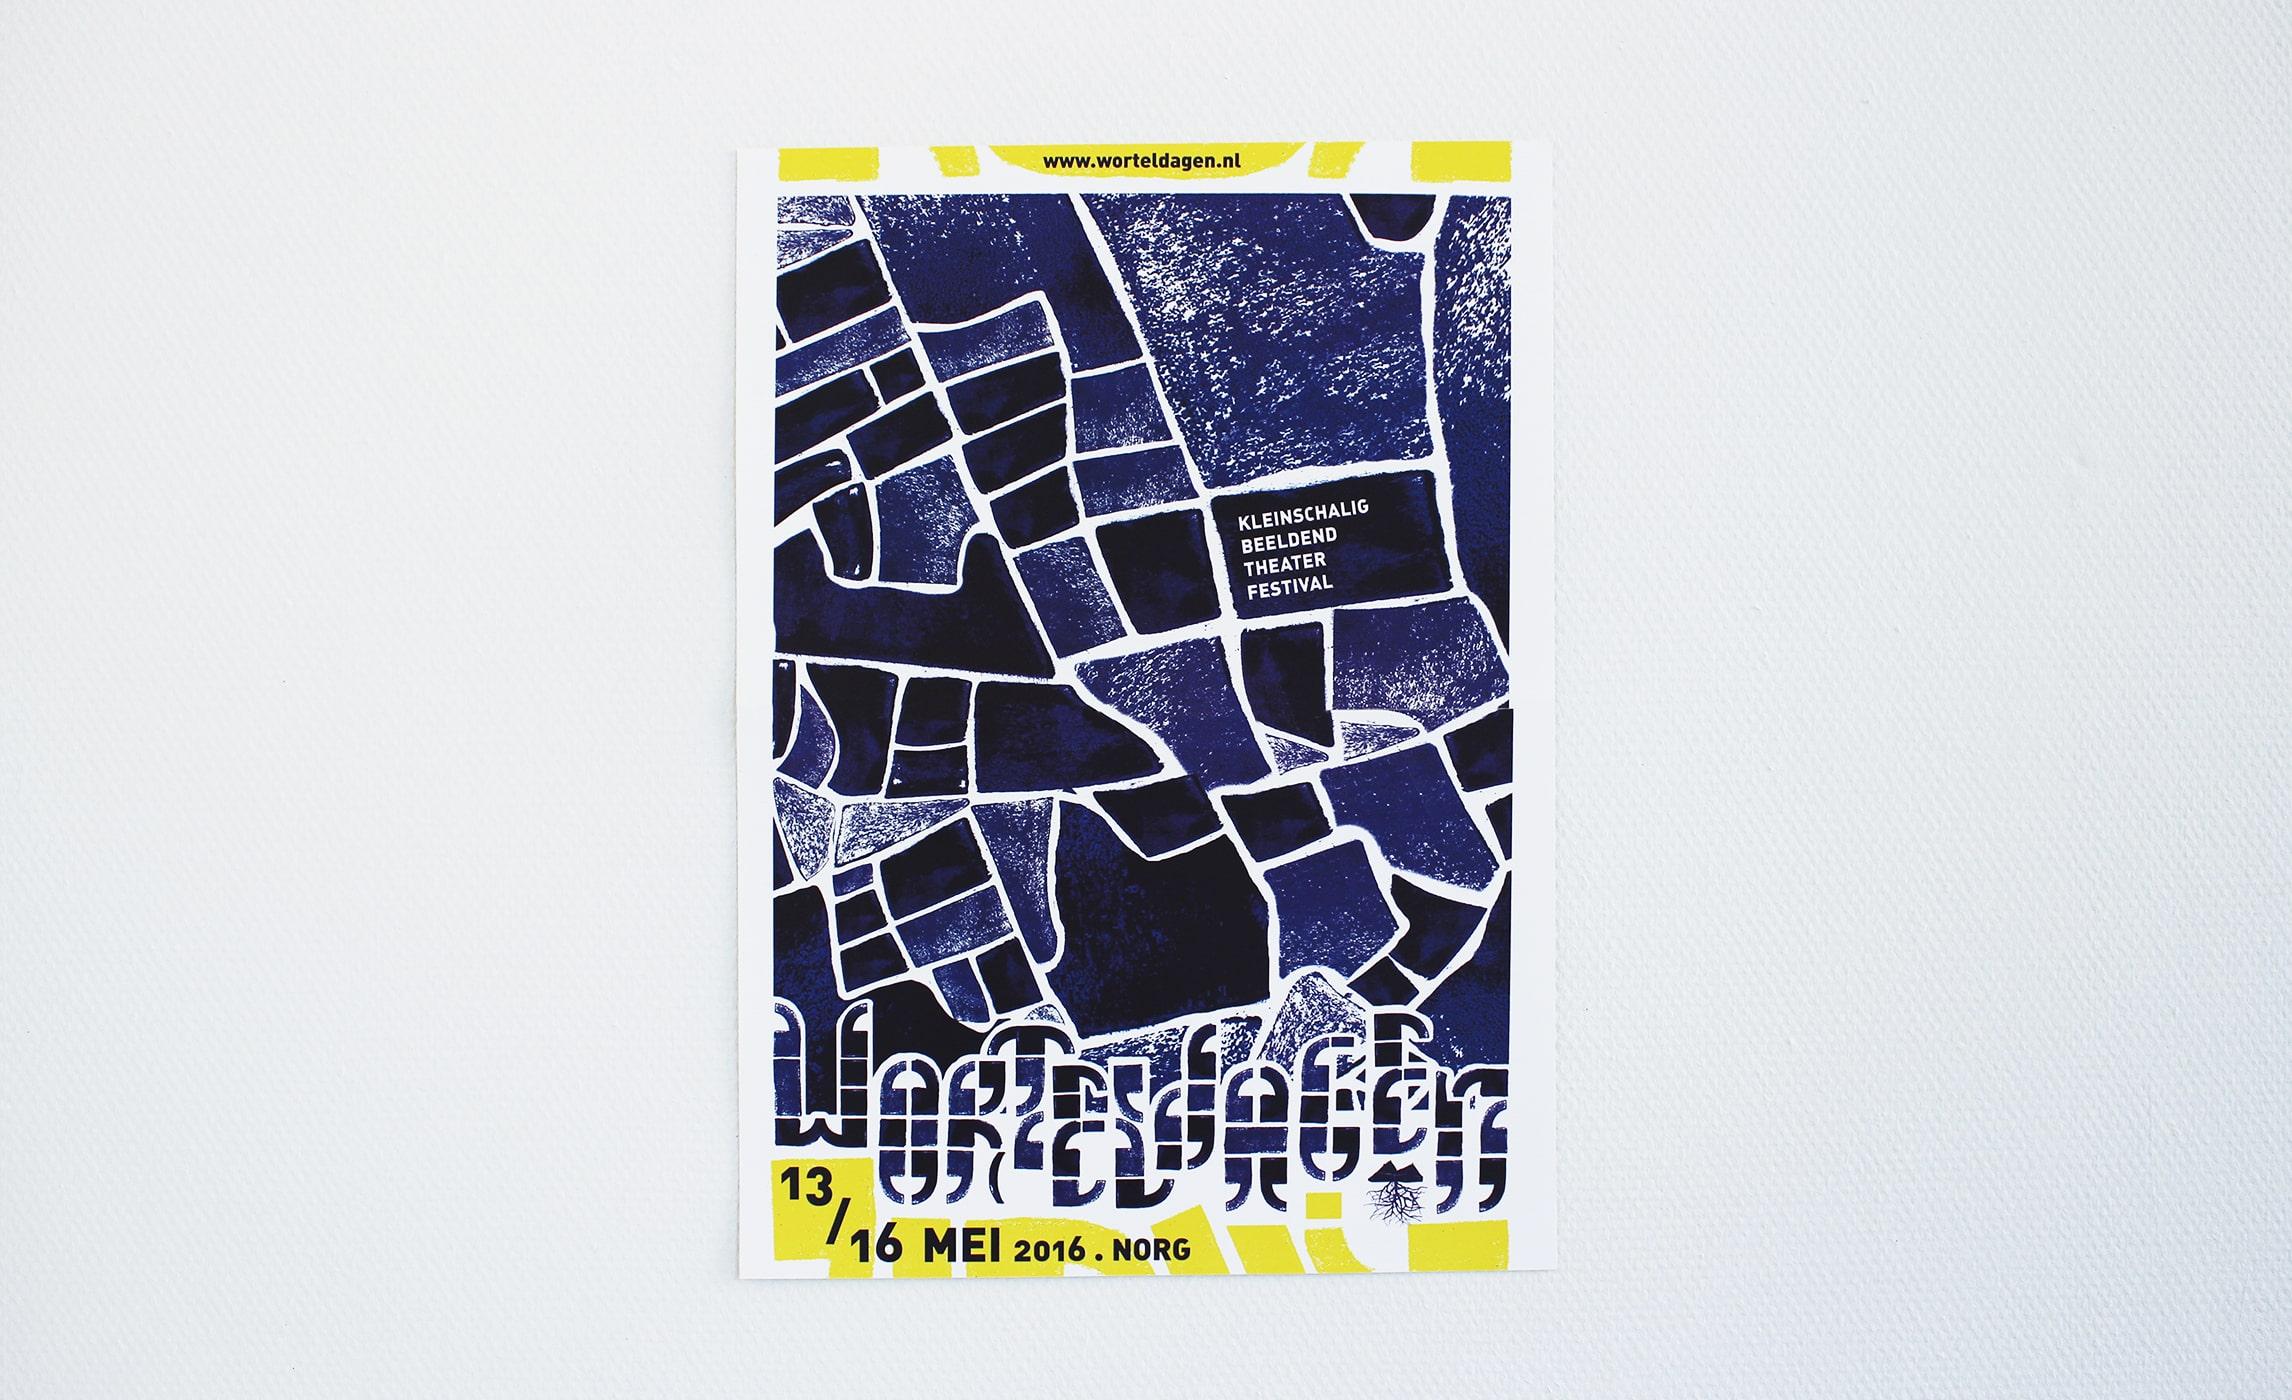 Worteldagen_06